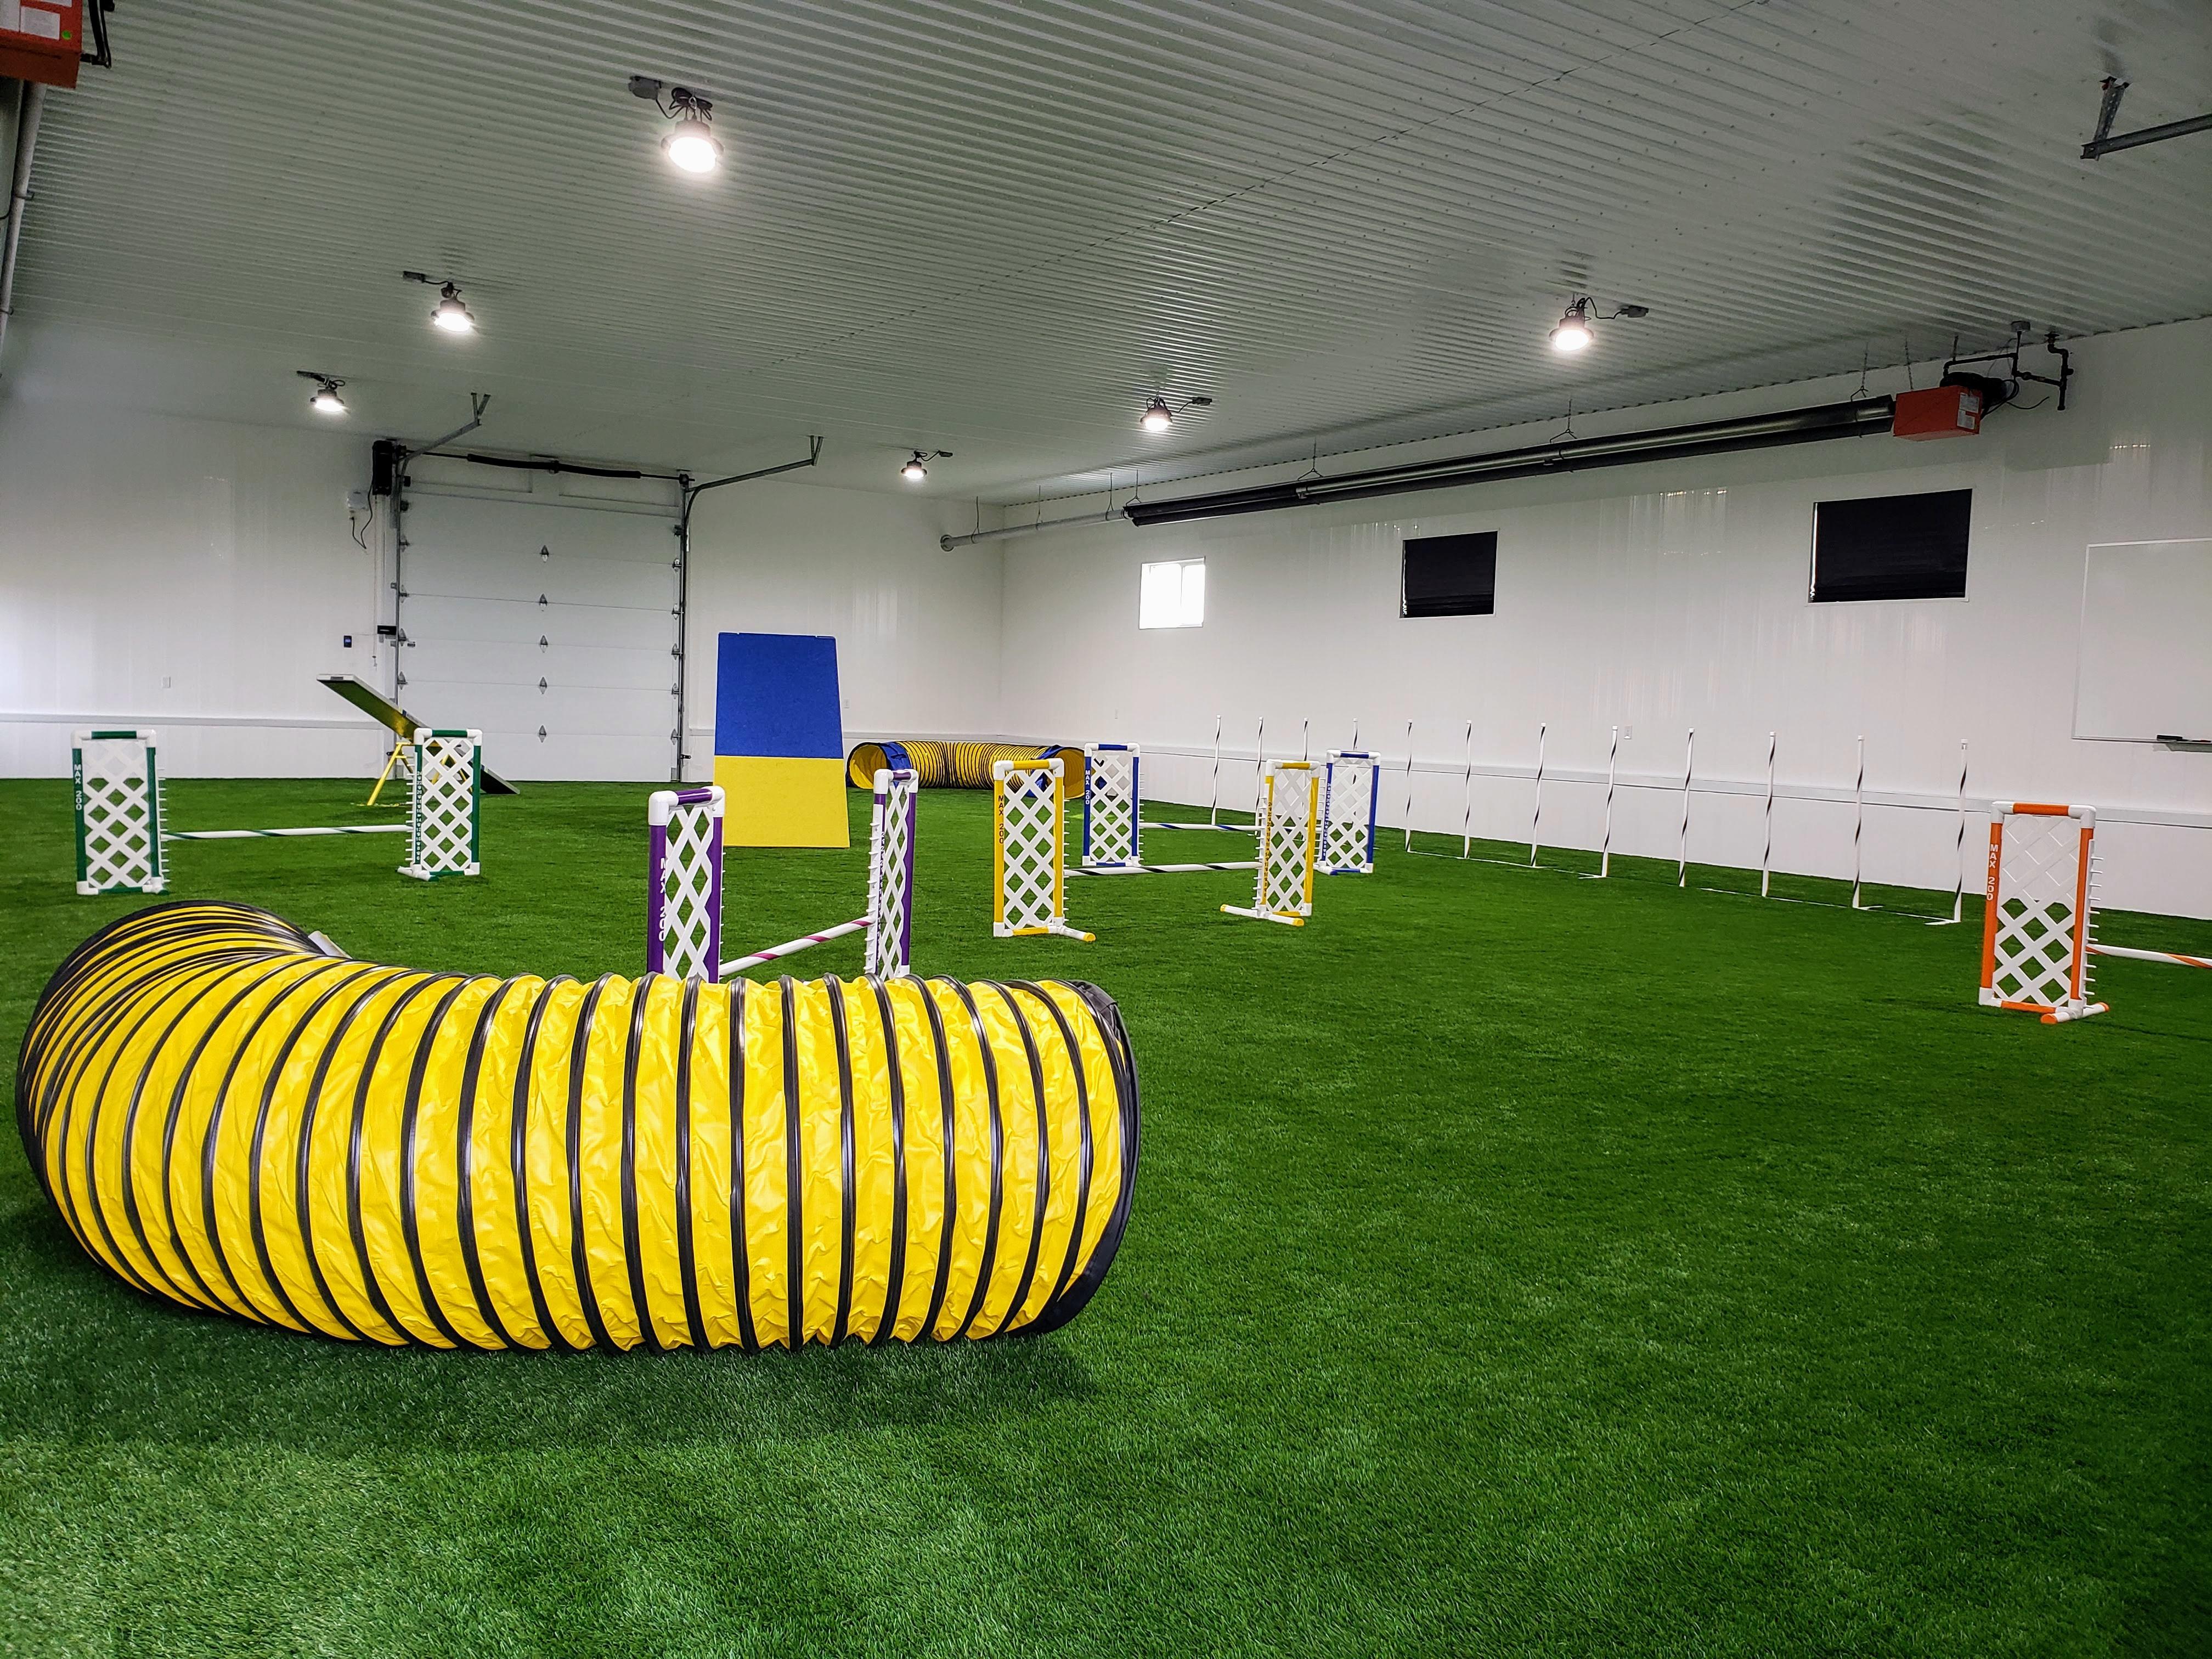 Training Centre Interior 07-16-2018